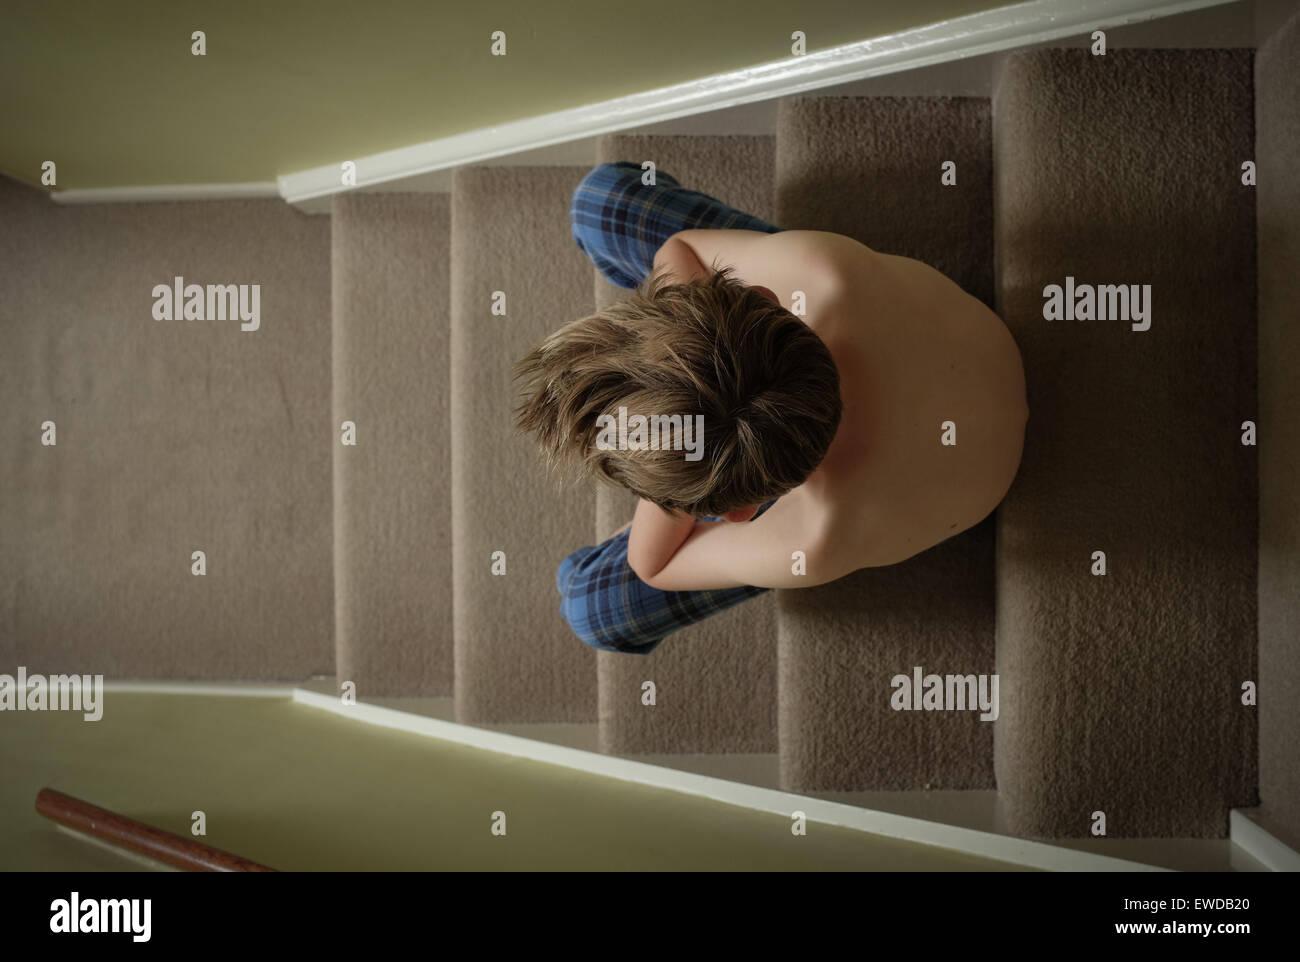 Un bambino seduto sulle scale con la testa tra le mani cercando sconvolto Immagini Stock